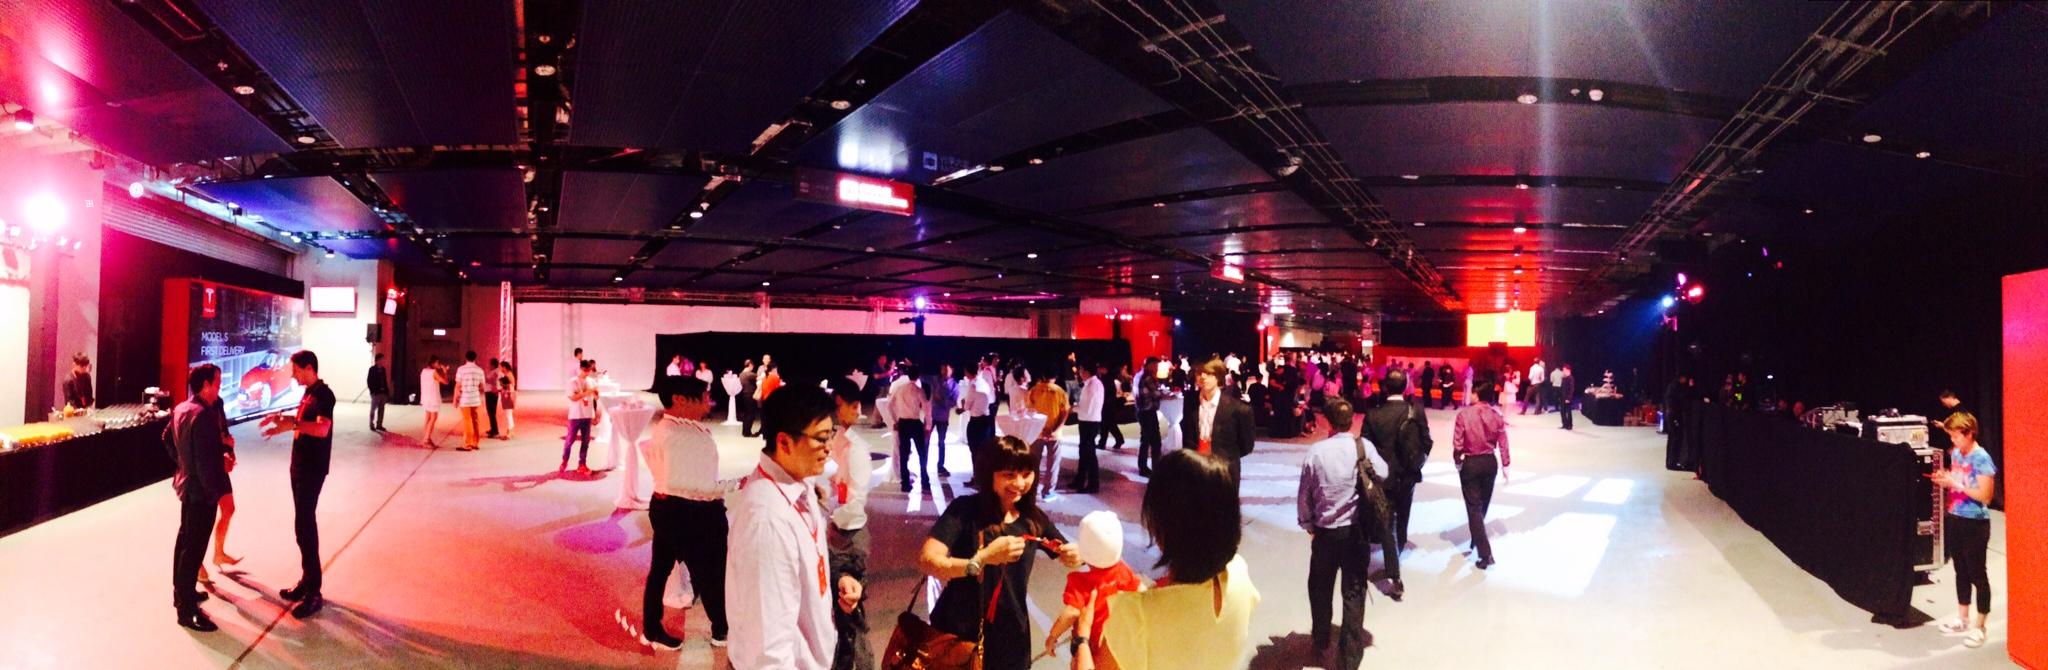 Model S Launch Event HK.JPG